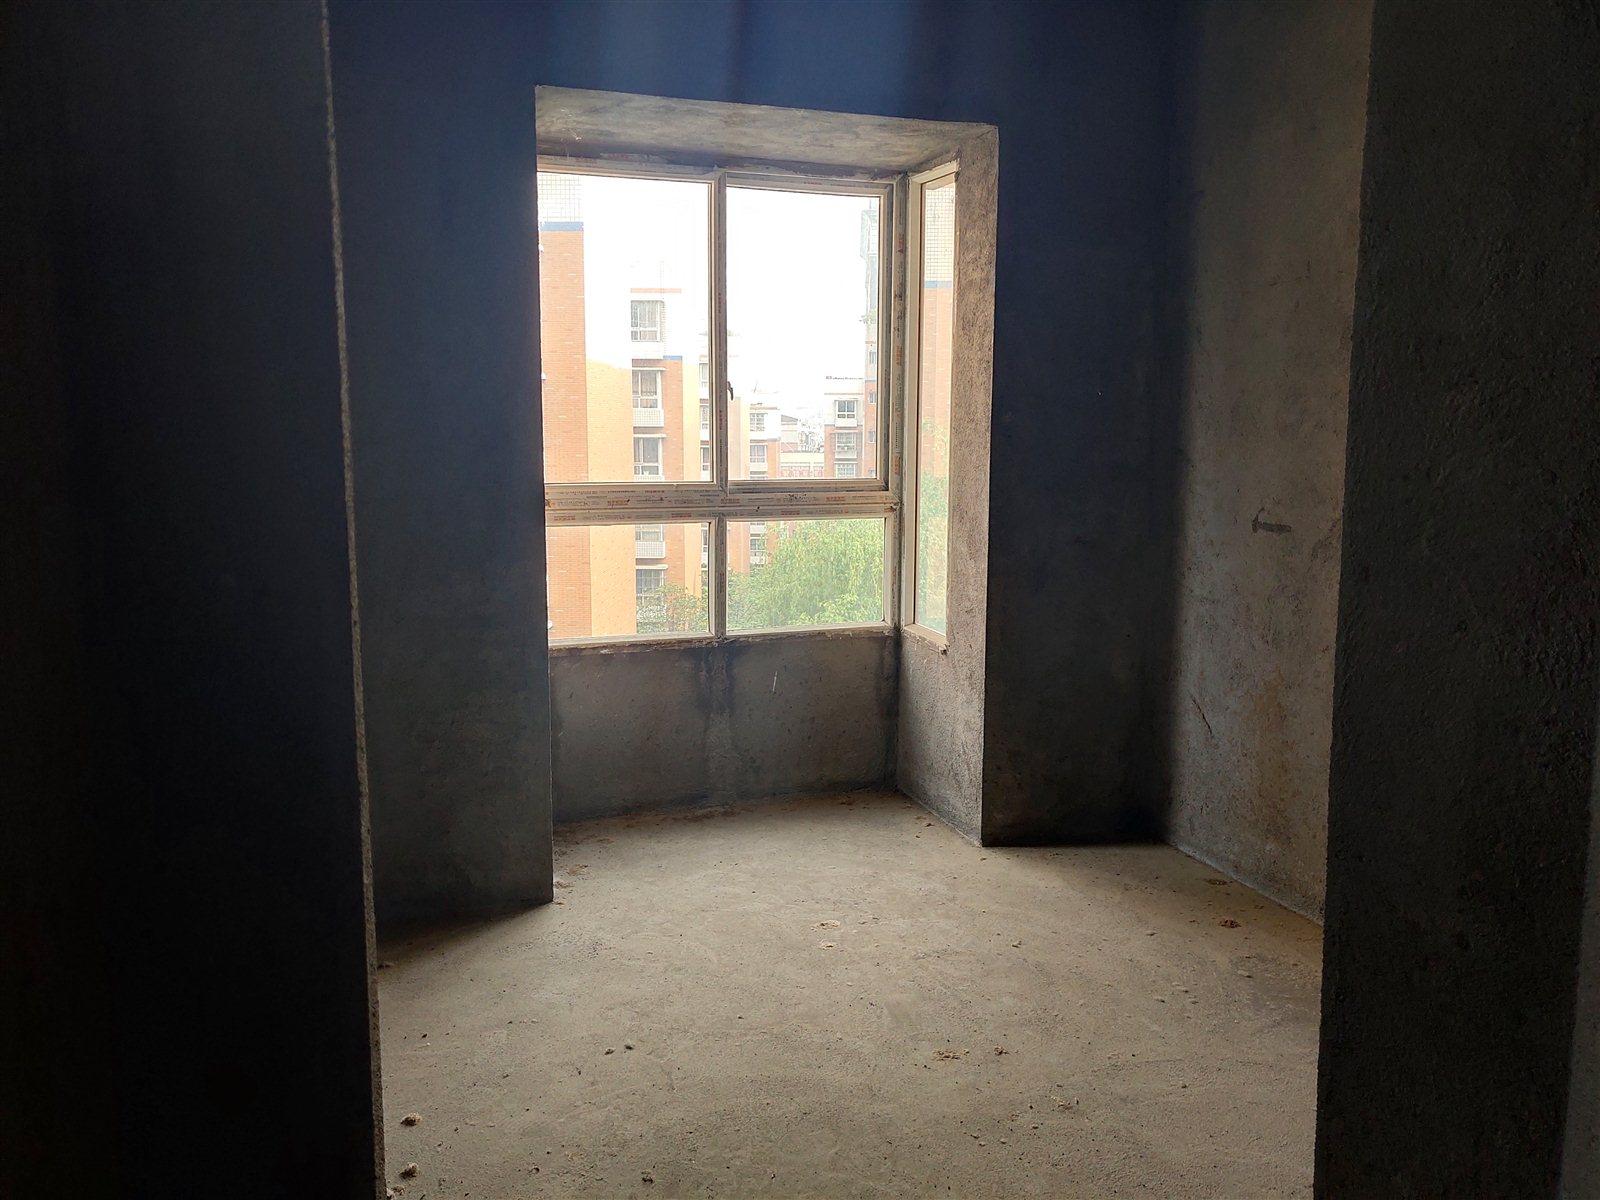 龙腾盛锦苑三室两厅一厨二卫,南北通向,明厨明卫。